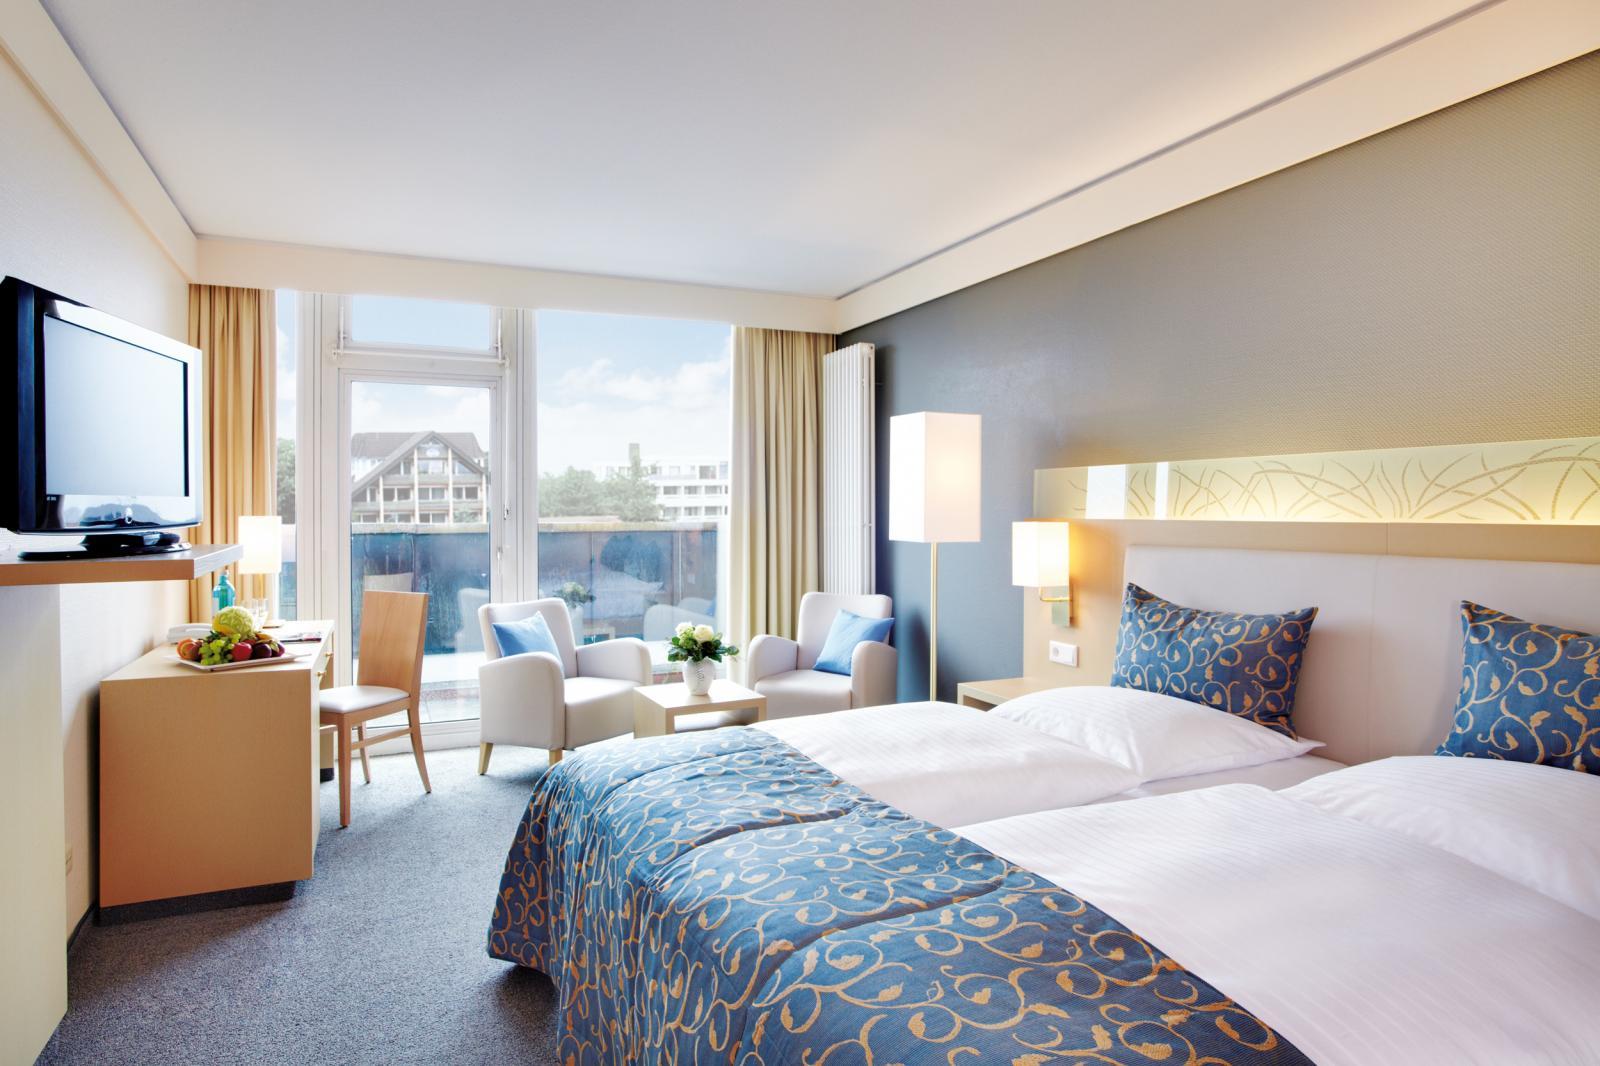 ambassador hotel spa st peter ording hotelbewertung. Black Bedroom Furniture Sets. Home Design Ideas